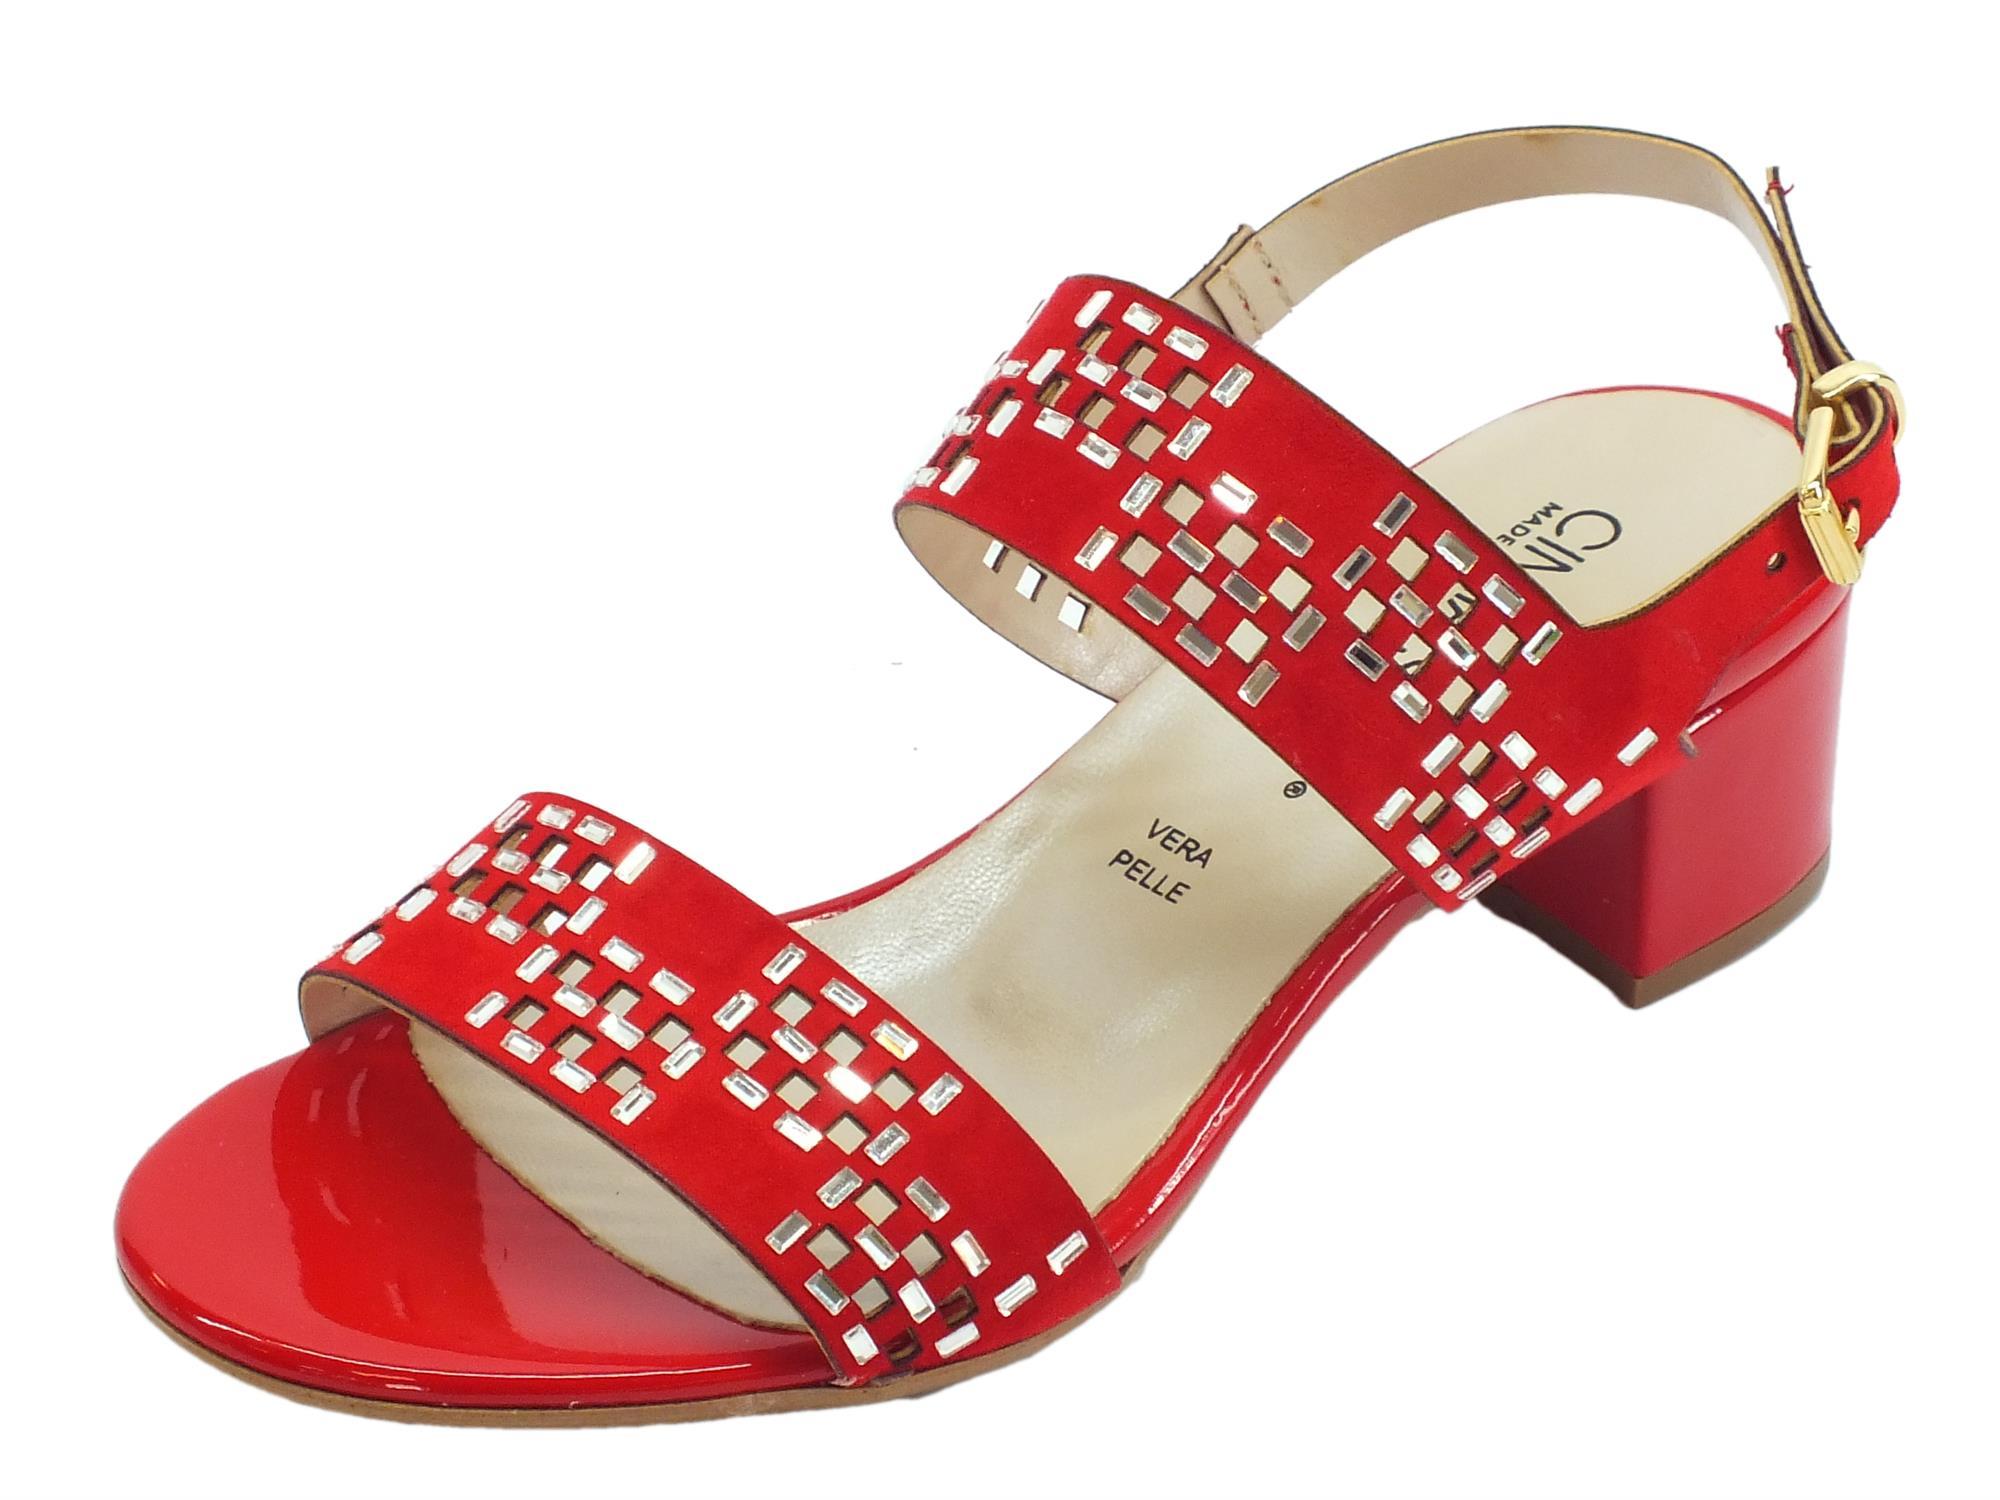 239461d21a36c Cinzia Soft sandali eleganti per donna rossi traforati con pietre argento